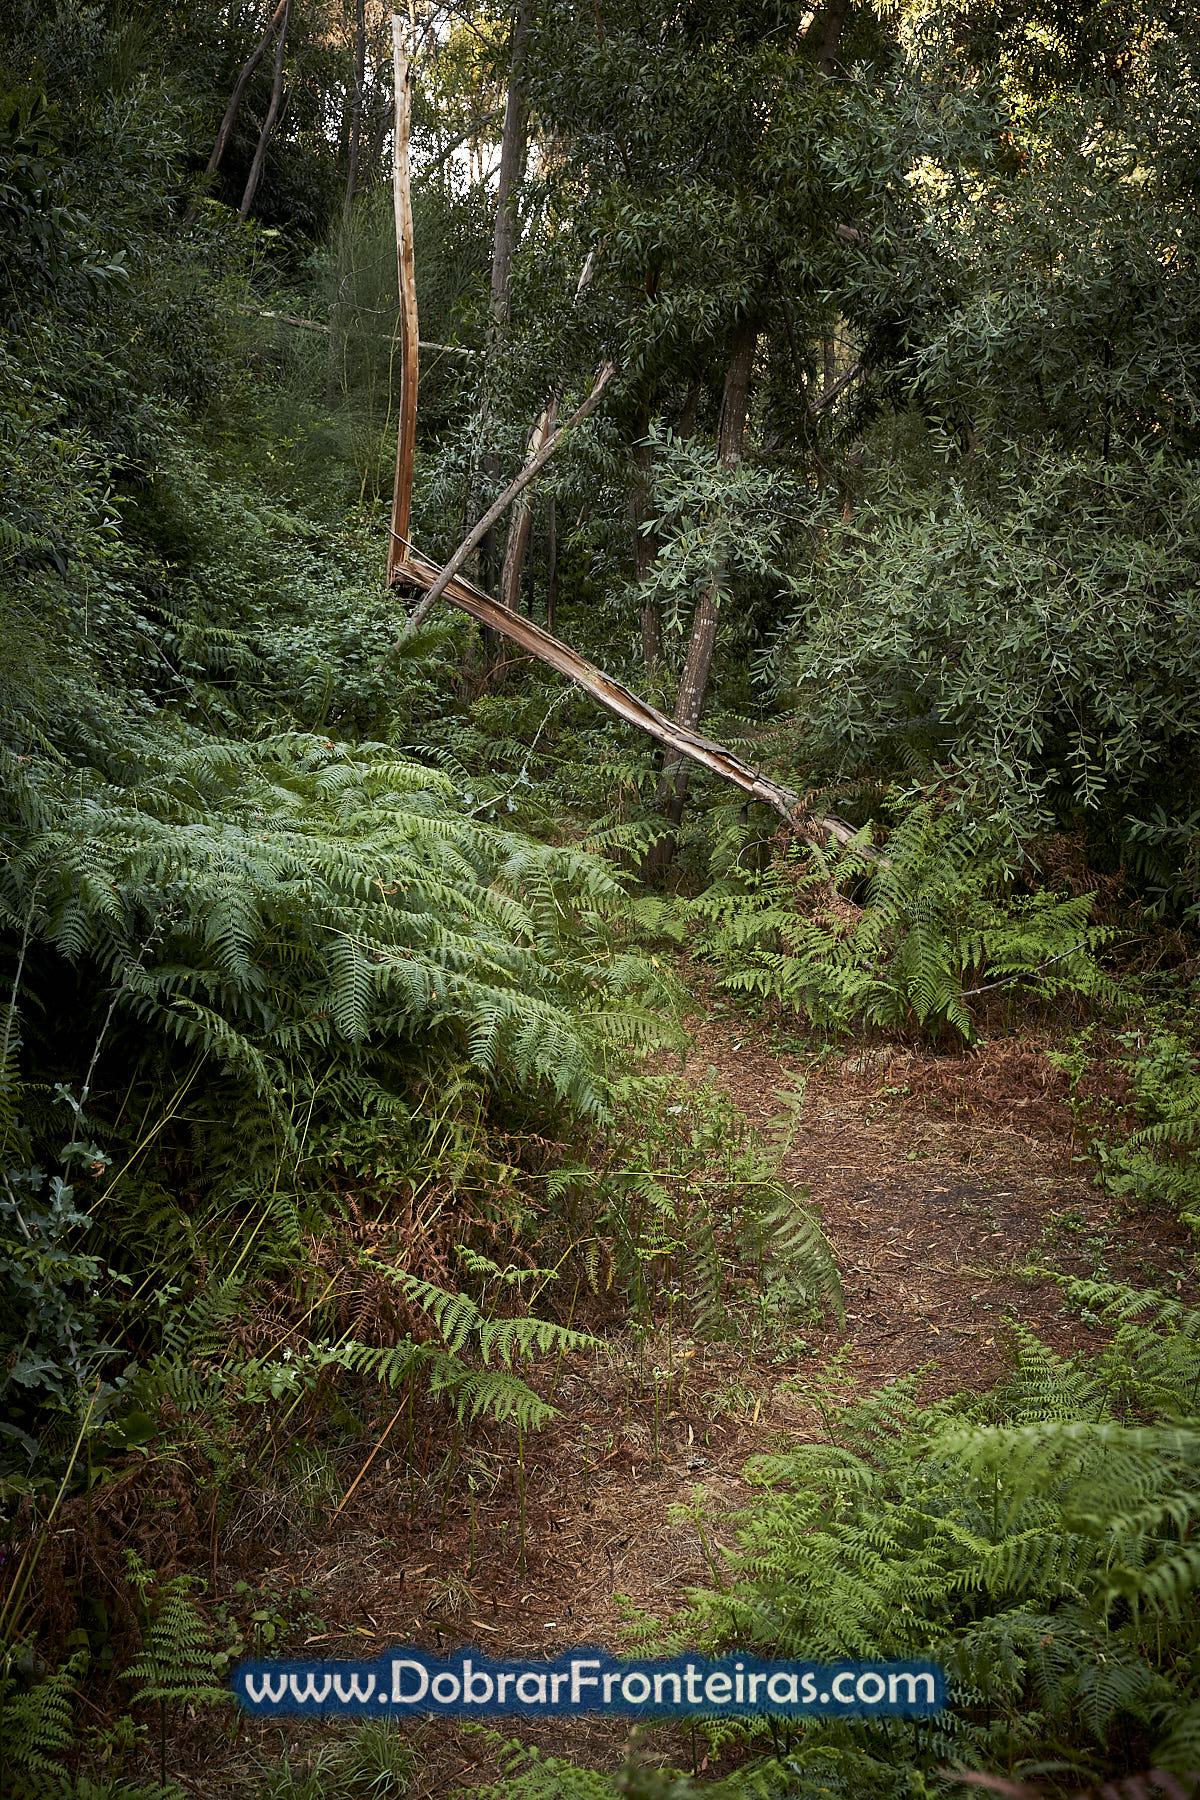 Trilho pedestre com vegetação